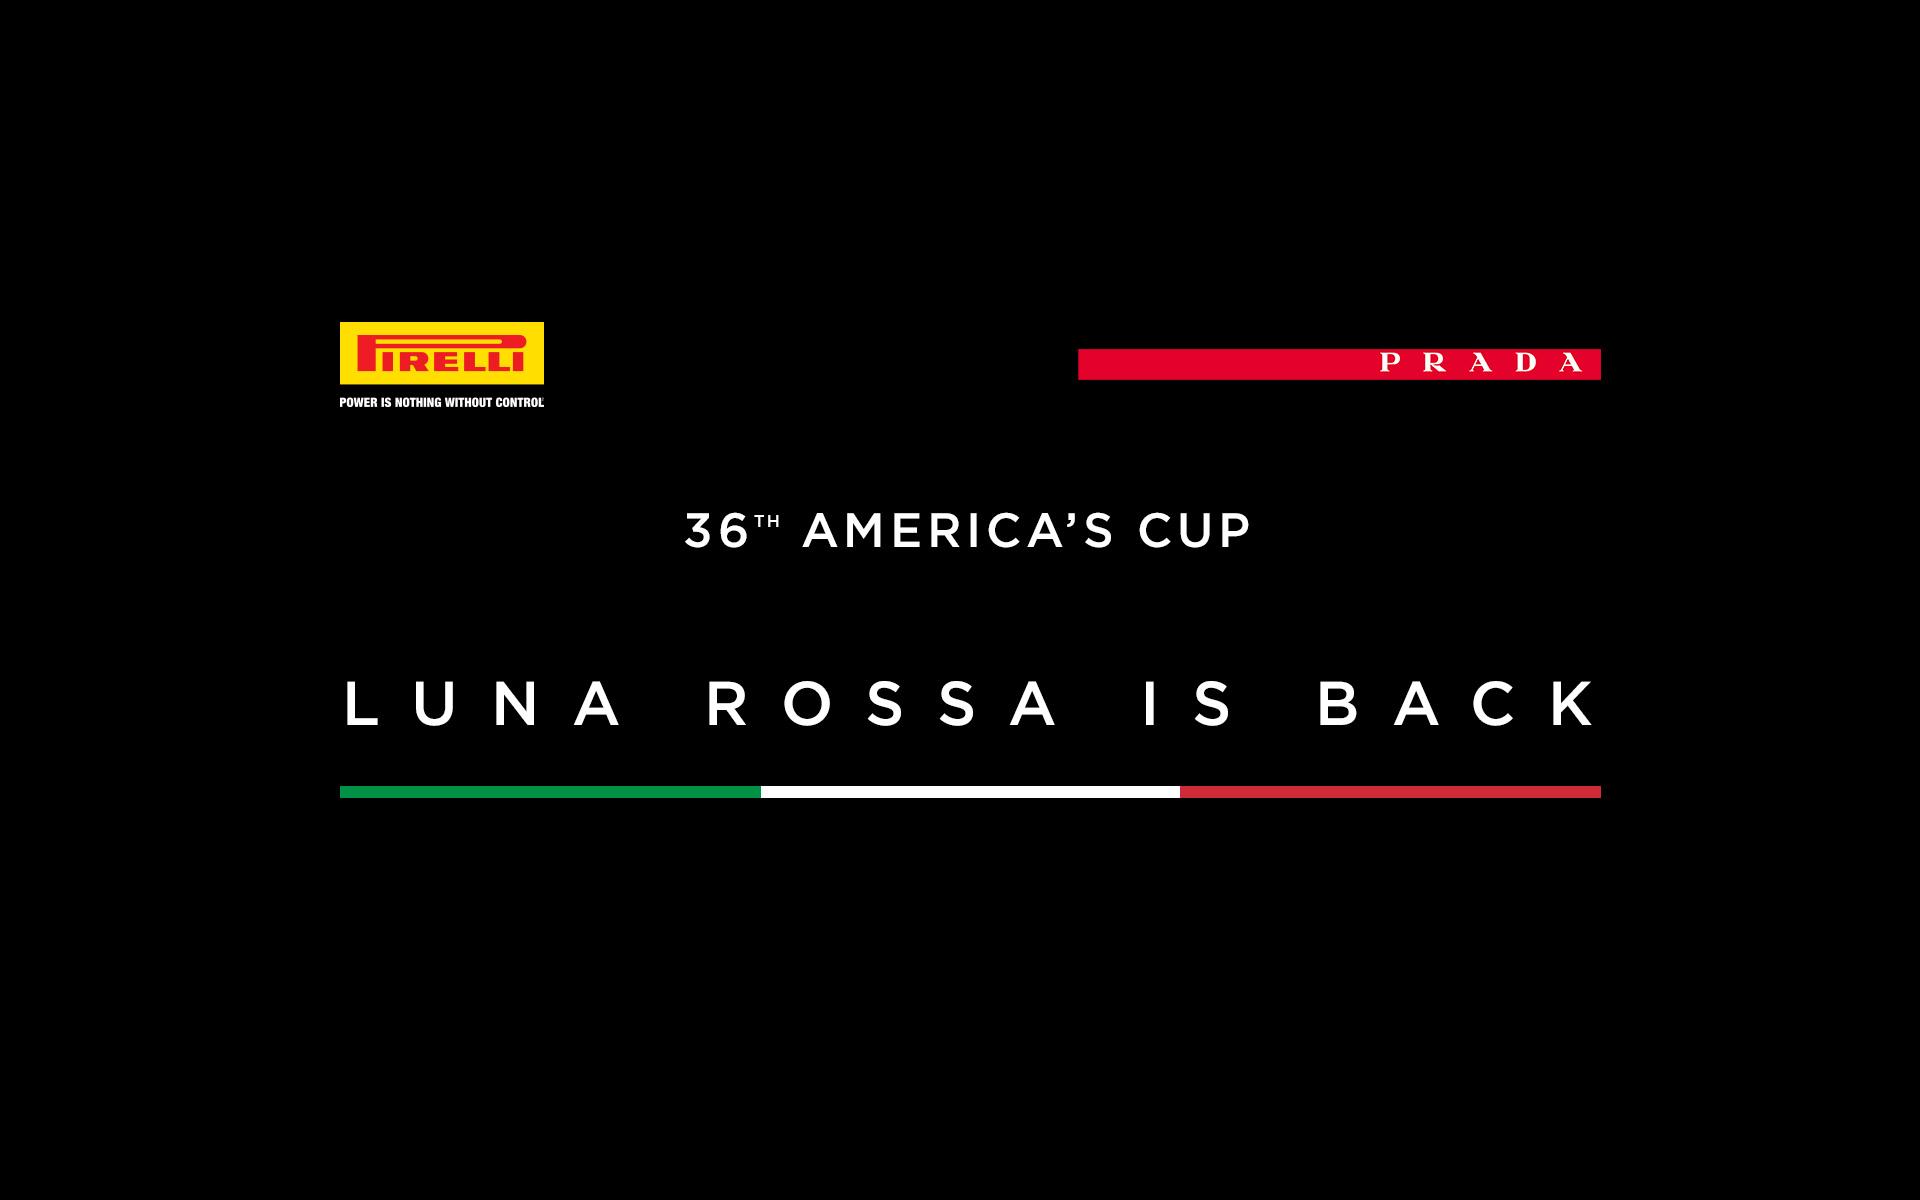 倍耐力夏息很忙,携手Luna Rossa挑衅美洲杯帆船赛